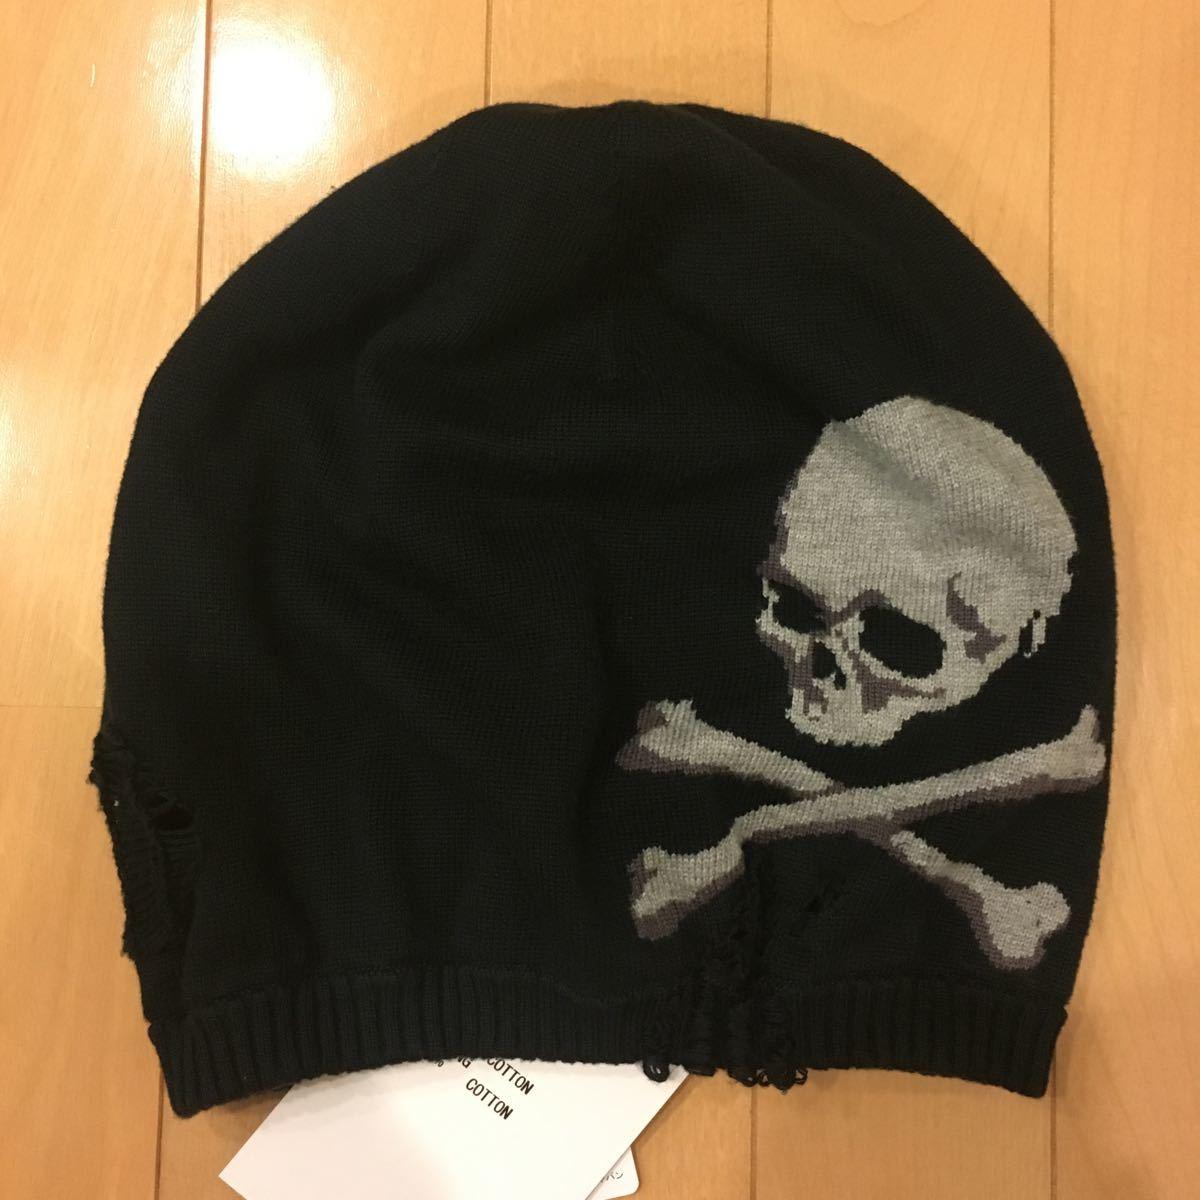 新品未使用タグ付き 13SS mastermind JAPAN DAMAGE KNIT CAP 黒 M マスターマインド ニットキャップ ニット帽 ビーニー_画像2